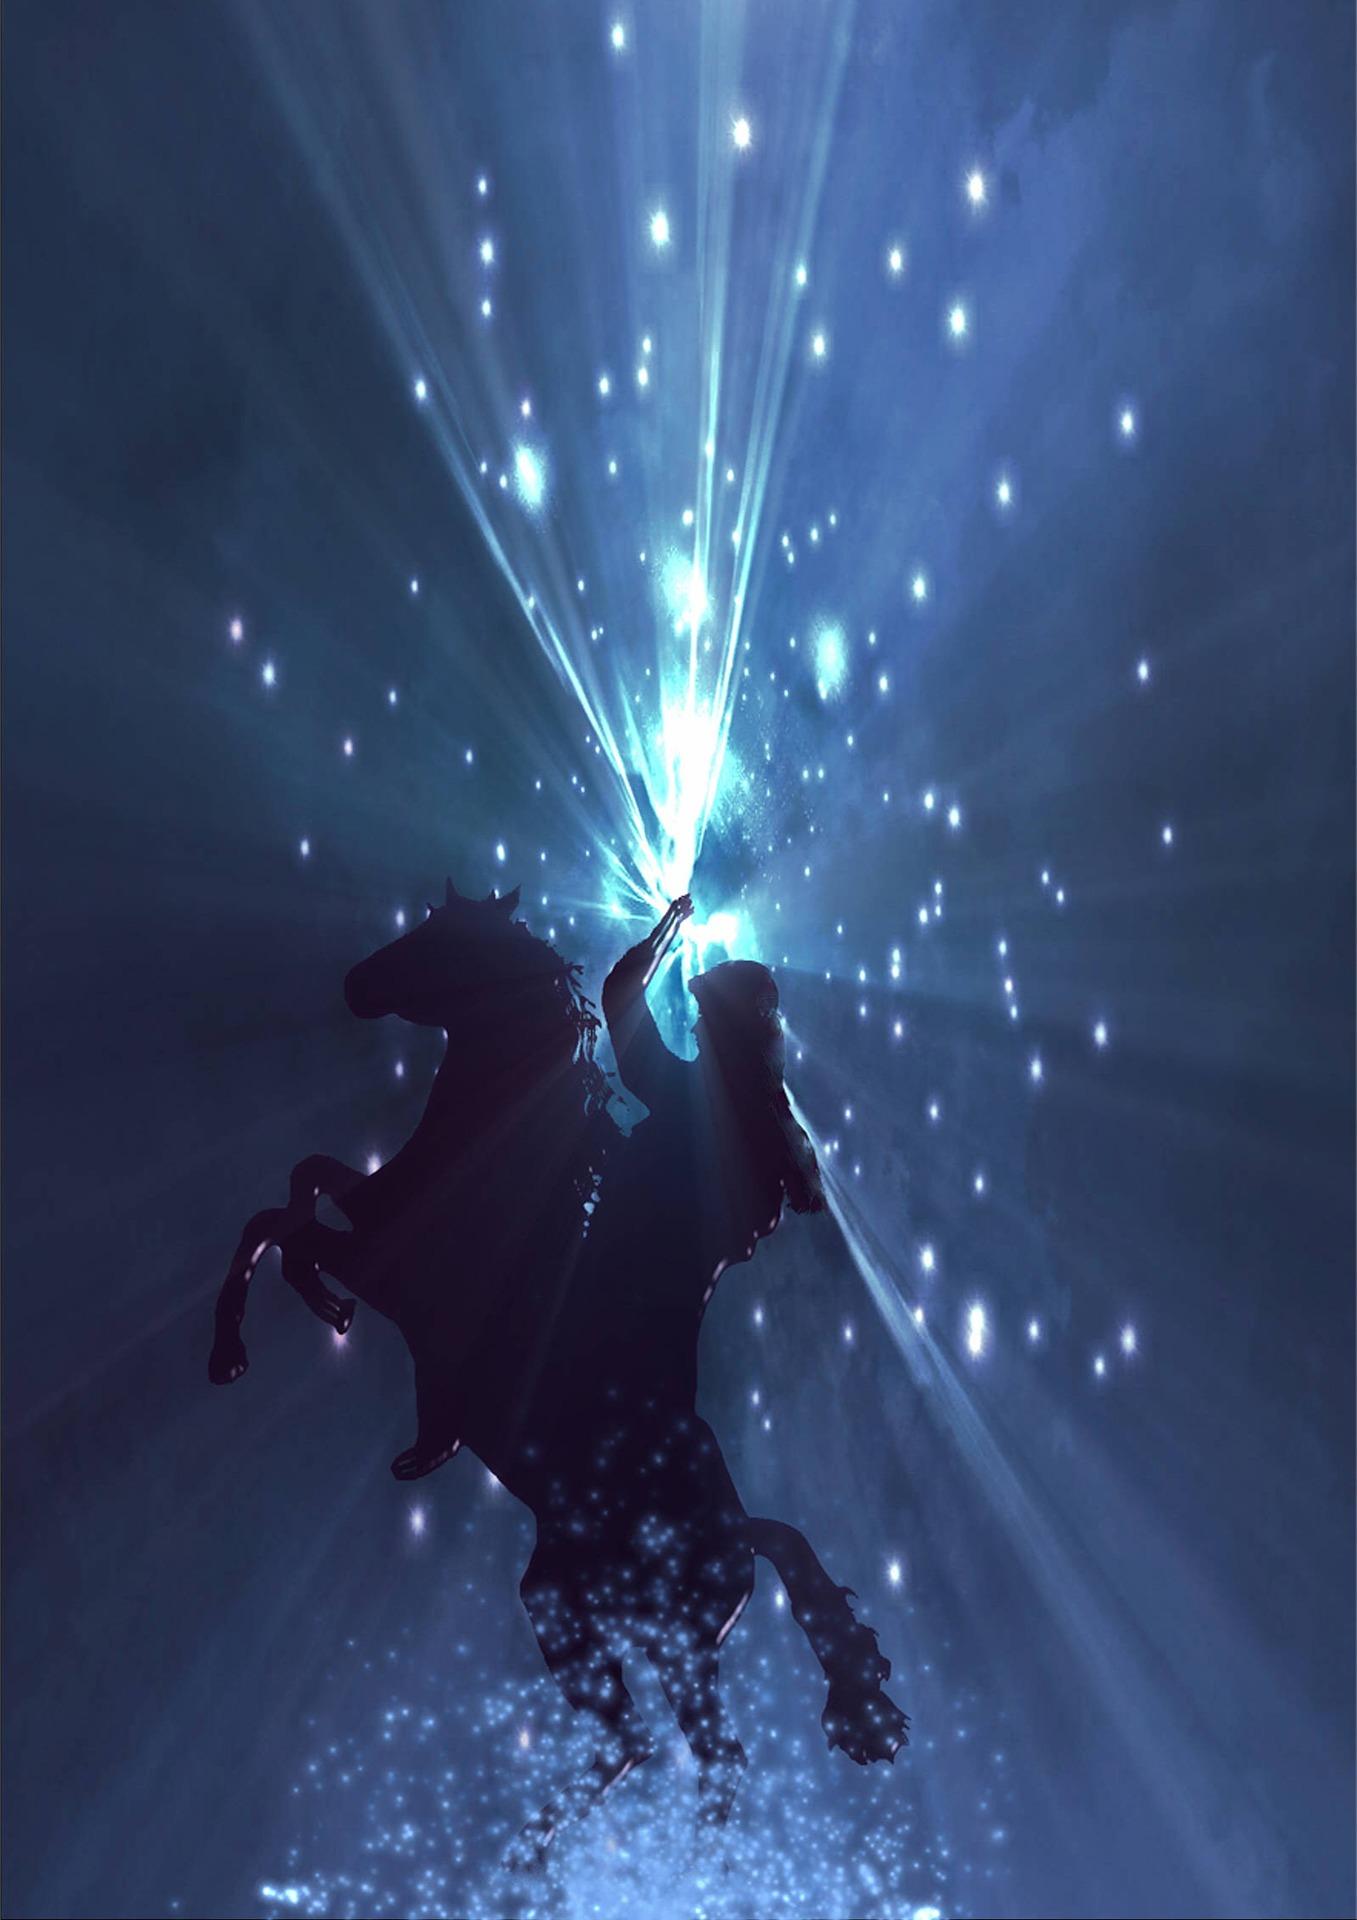 El mito del guerrero:  el equilibrio entre la satisfacción y el sacrificio